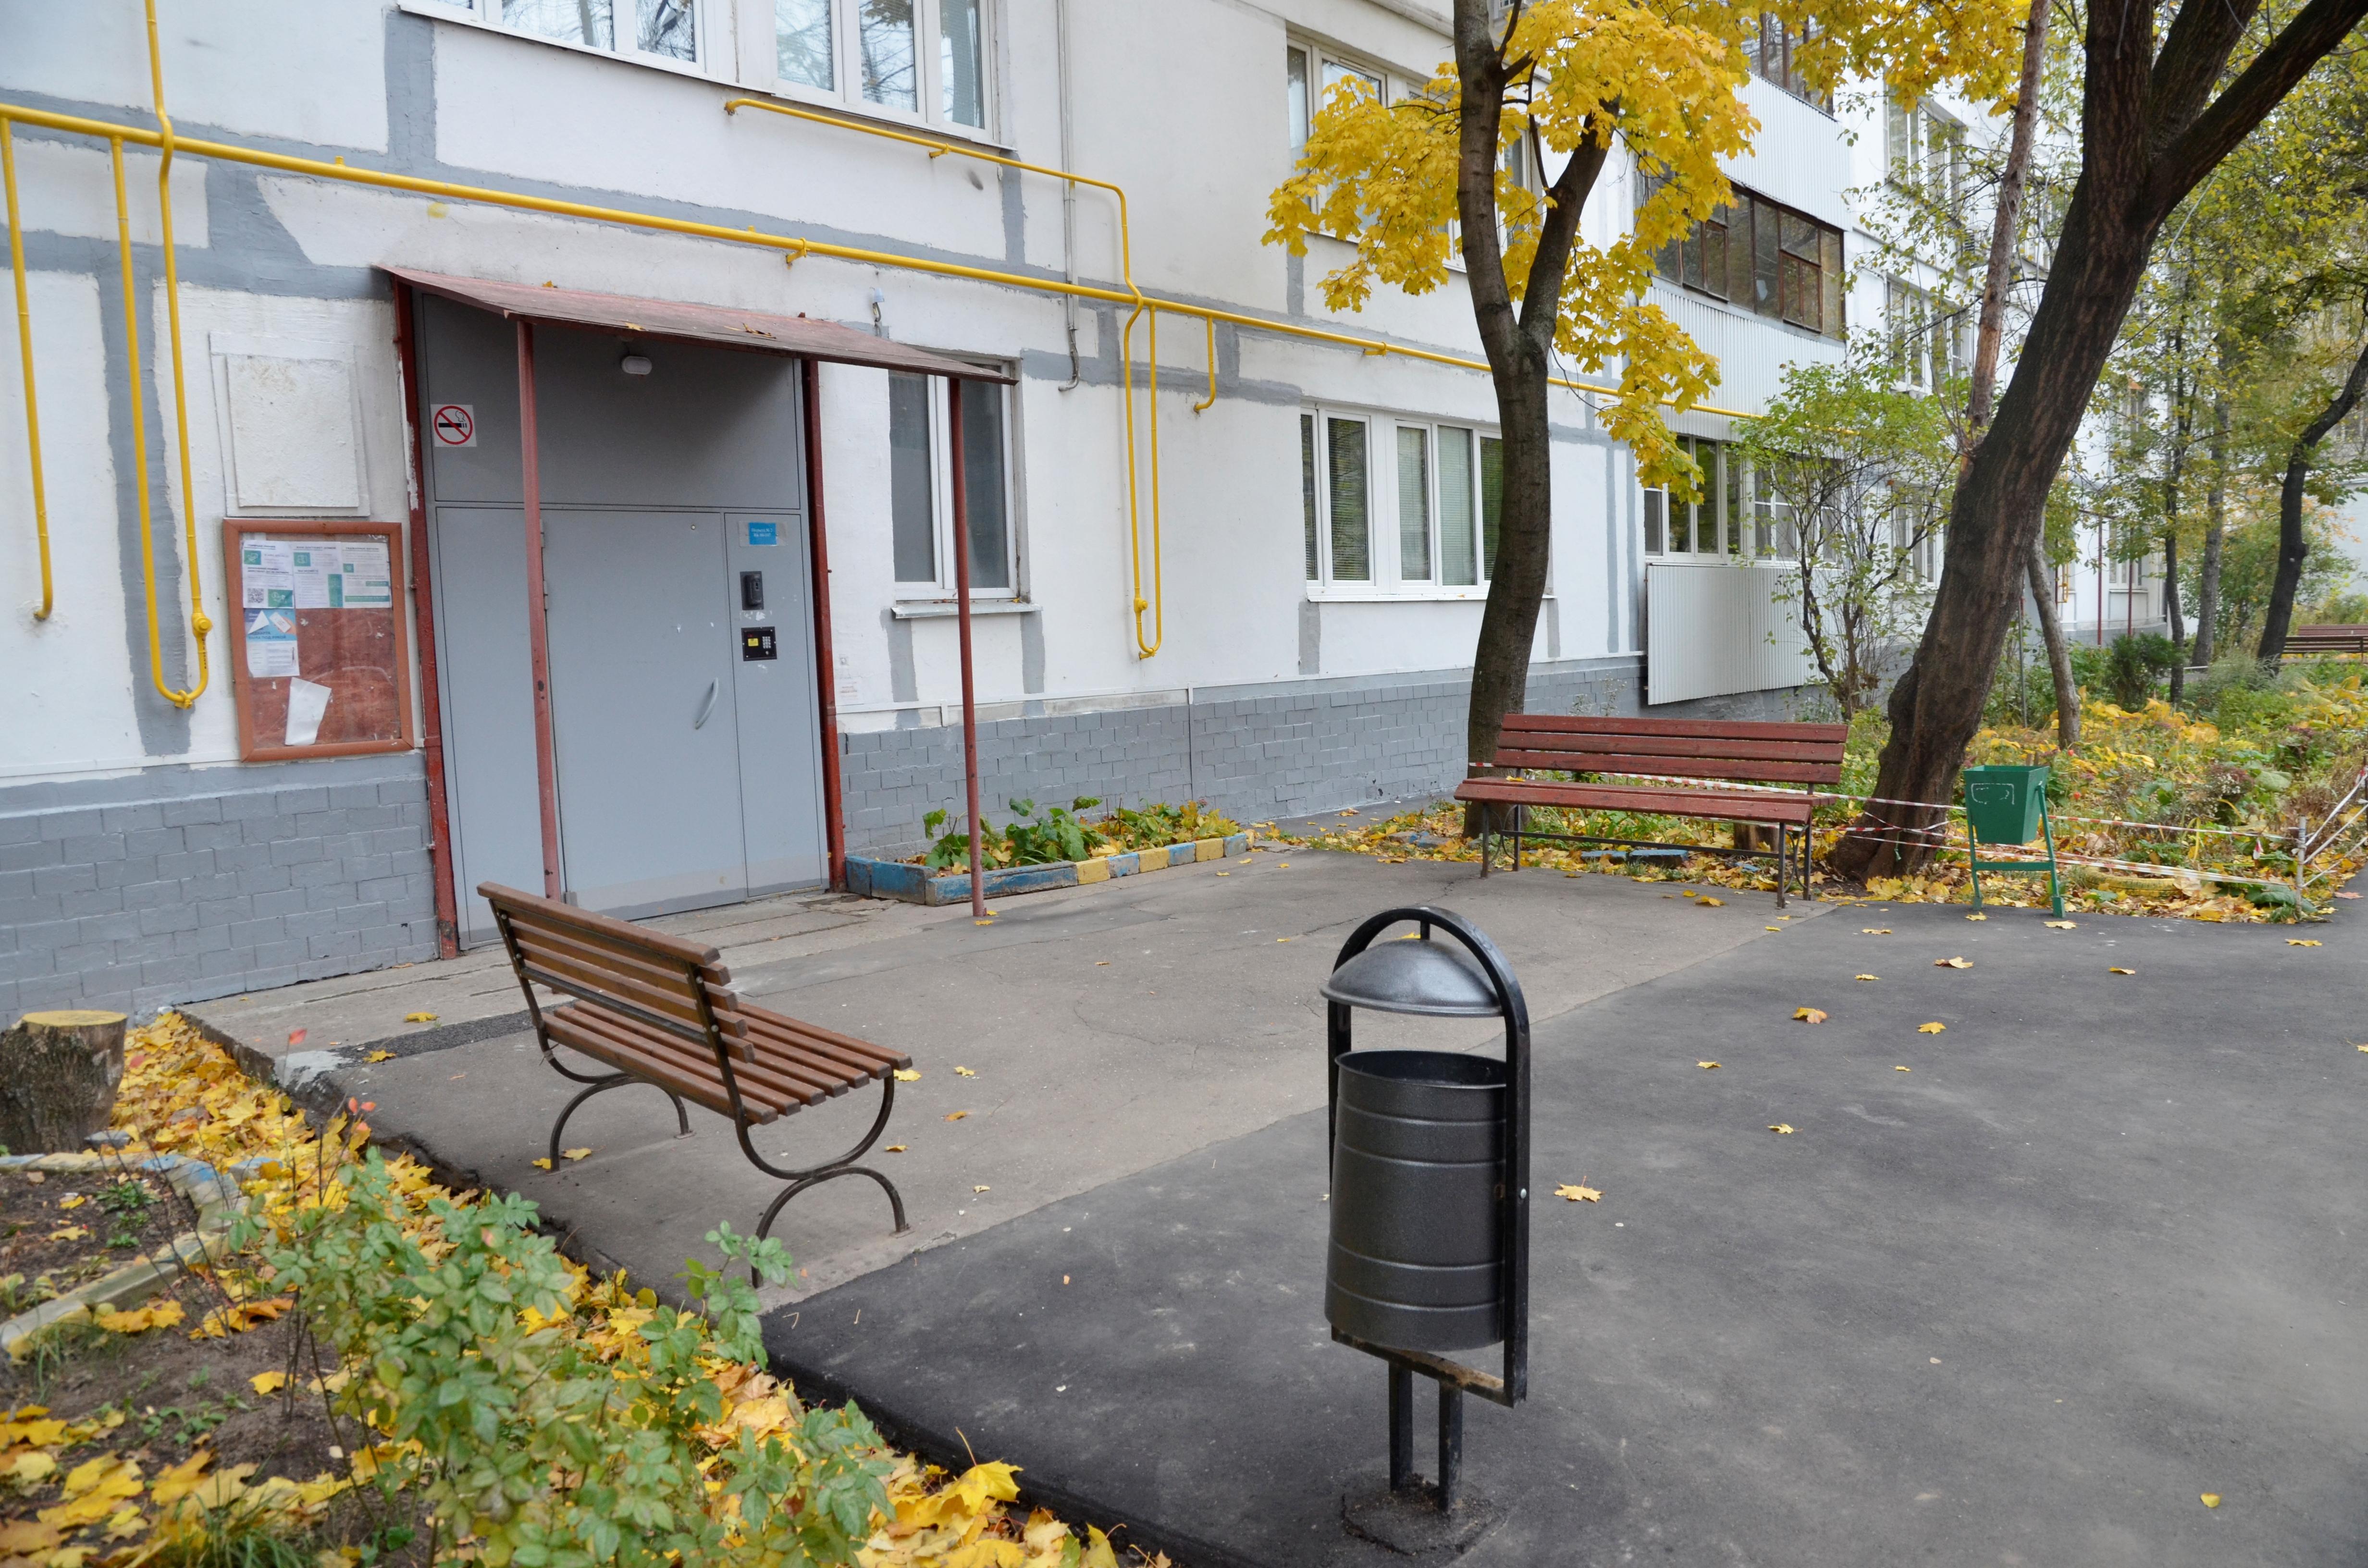 Чердаки и подвалы опечатали в Орехове-Борисове Южном